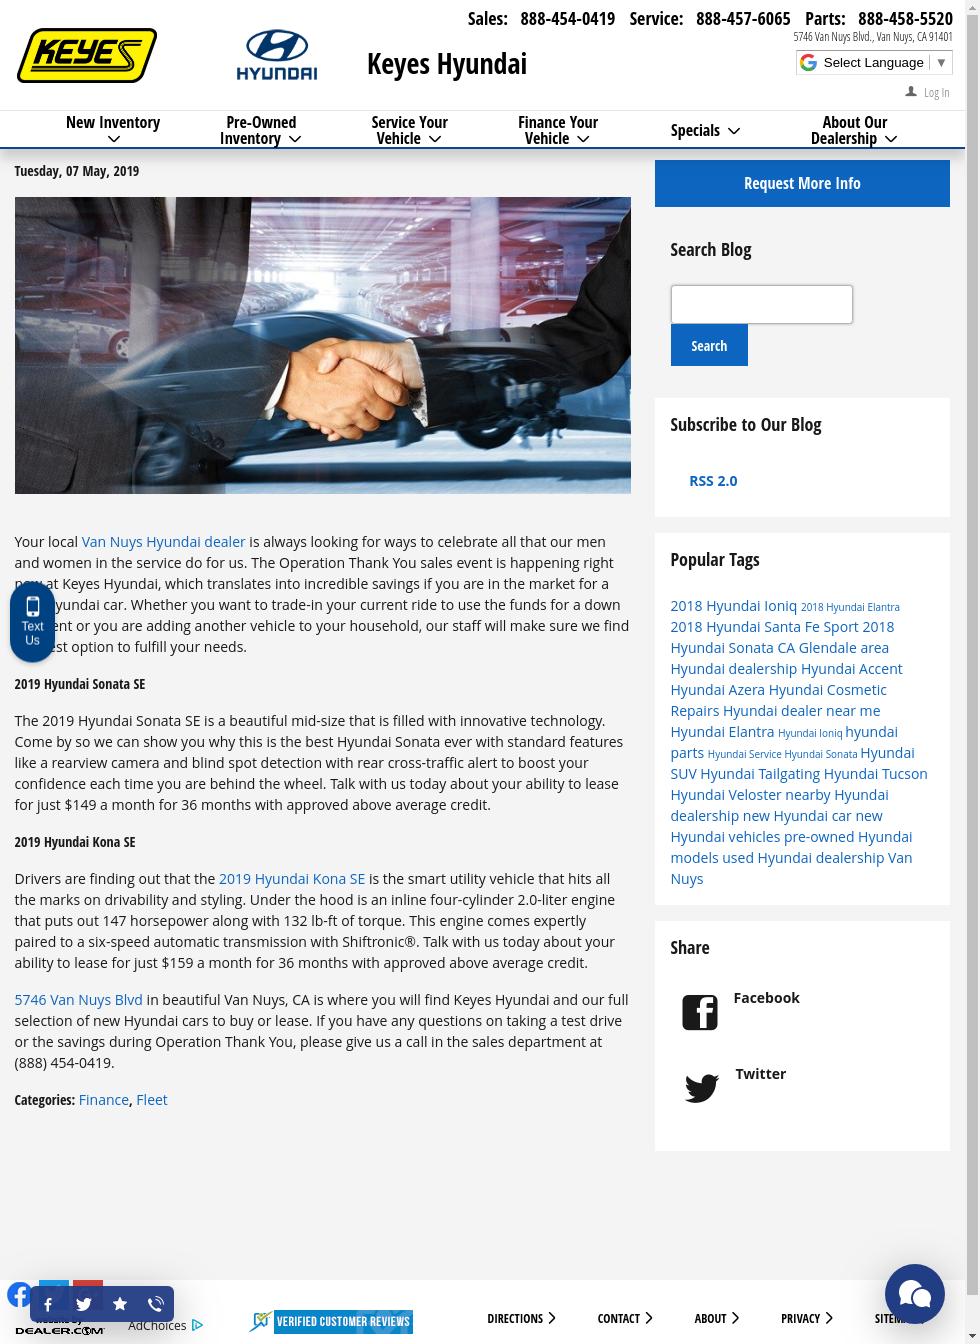 Keyes Hyundai Van Nuys >> Keyeshyundai Posts